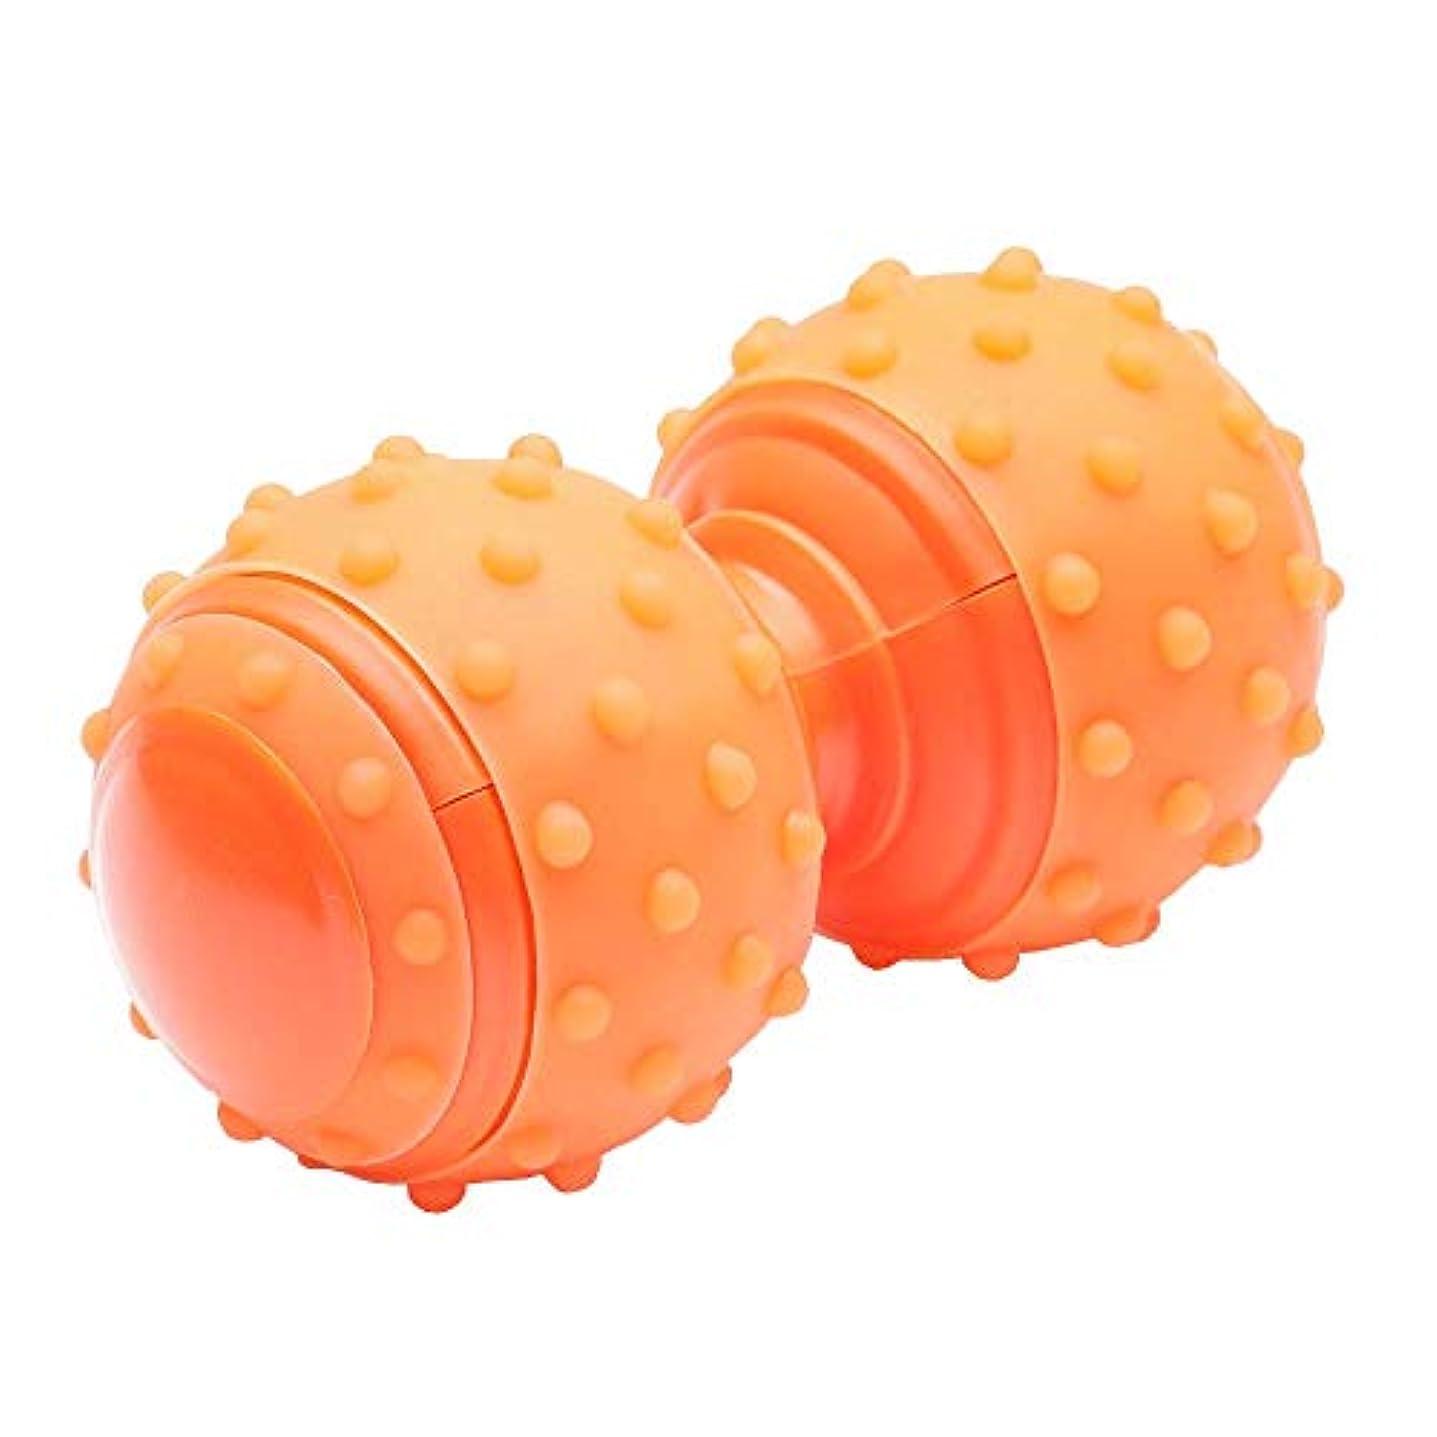 燃やす乳製品インフルエンザMitasakaIs マッサージボール トリガーポイント 筋膜リリース 肩 肩甲骨 背中 ストレッチ ボール ツボ押し オレンジ